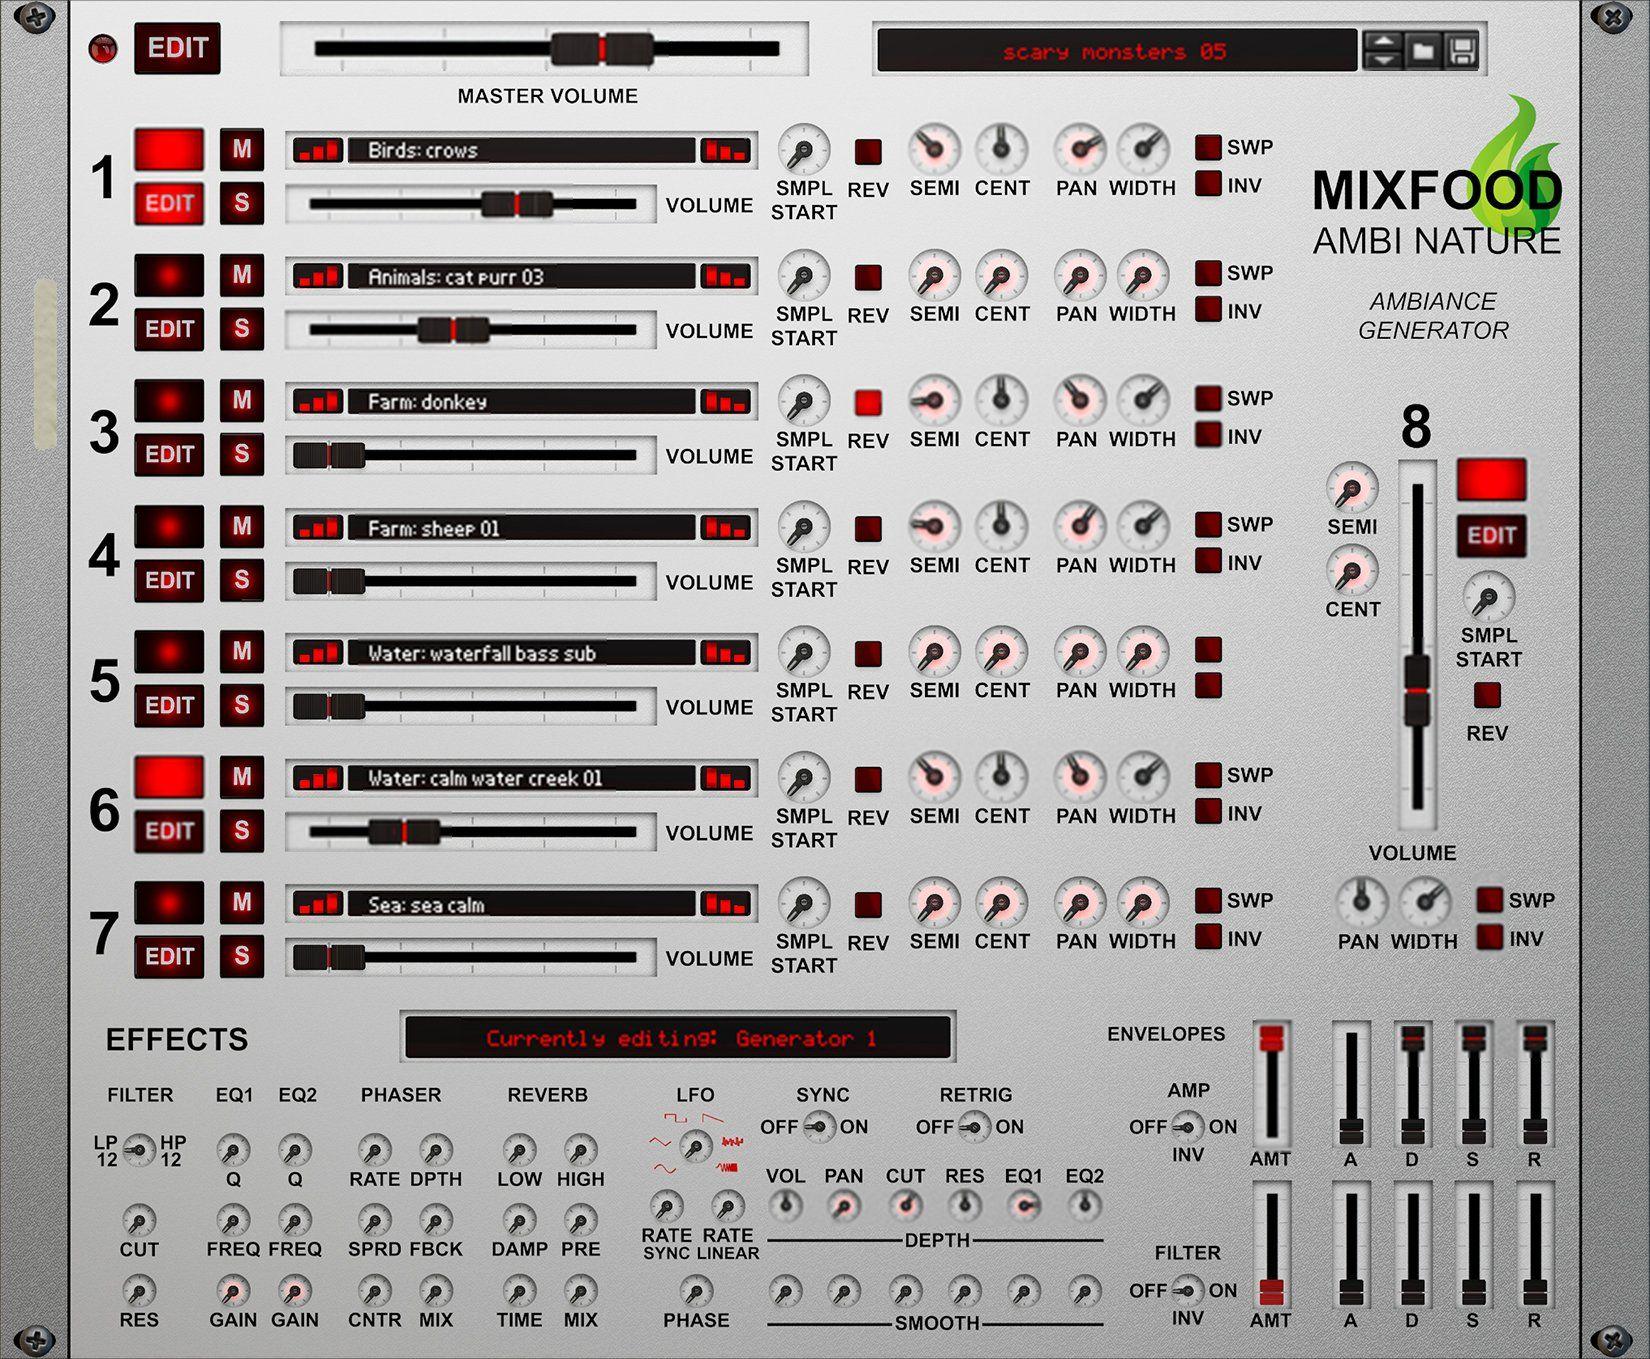 Mixfood Ambi Nature Ambiancecreator Ambiance Generator